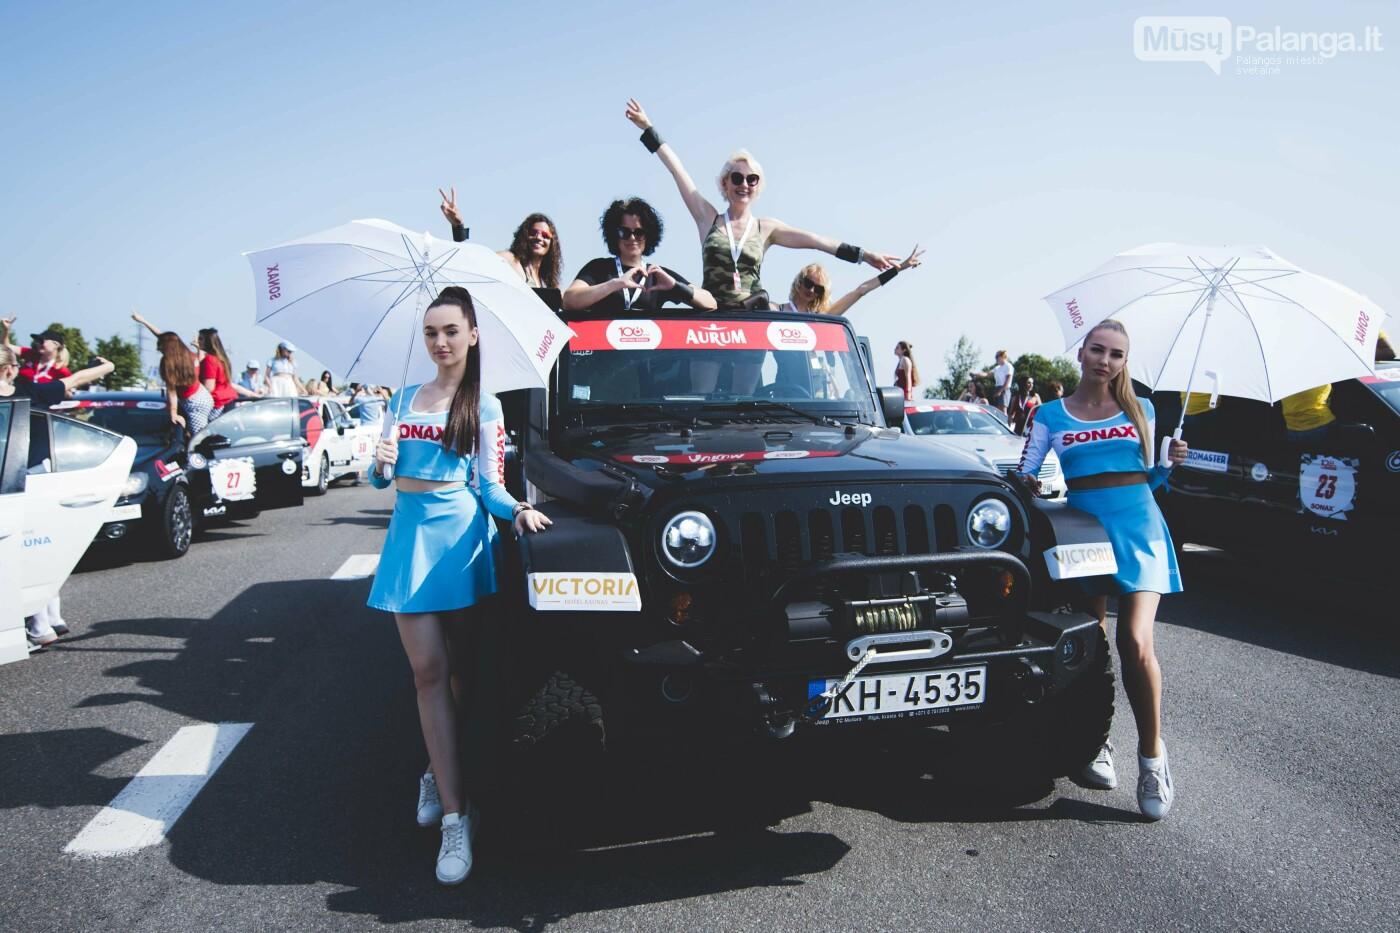 Žiūrovus žavėjo kilometrinė moterų iššūkio dalyvių kolona, nuotrauka-21, Vytauto PILKAUSKO ir Arno STRUMILOS nuotraukos